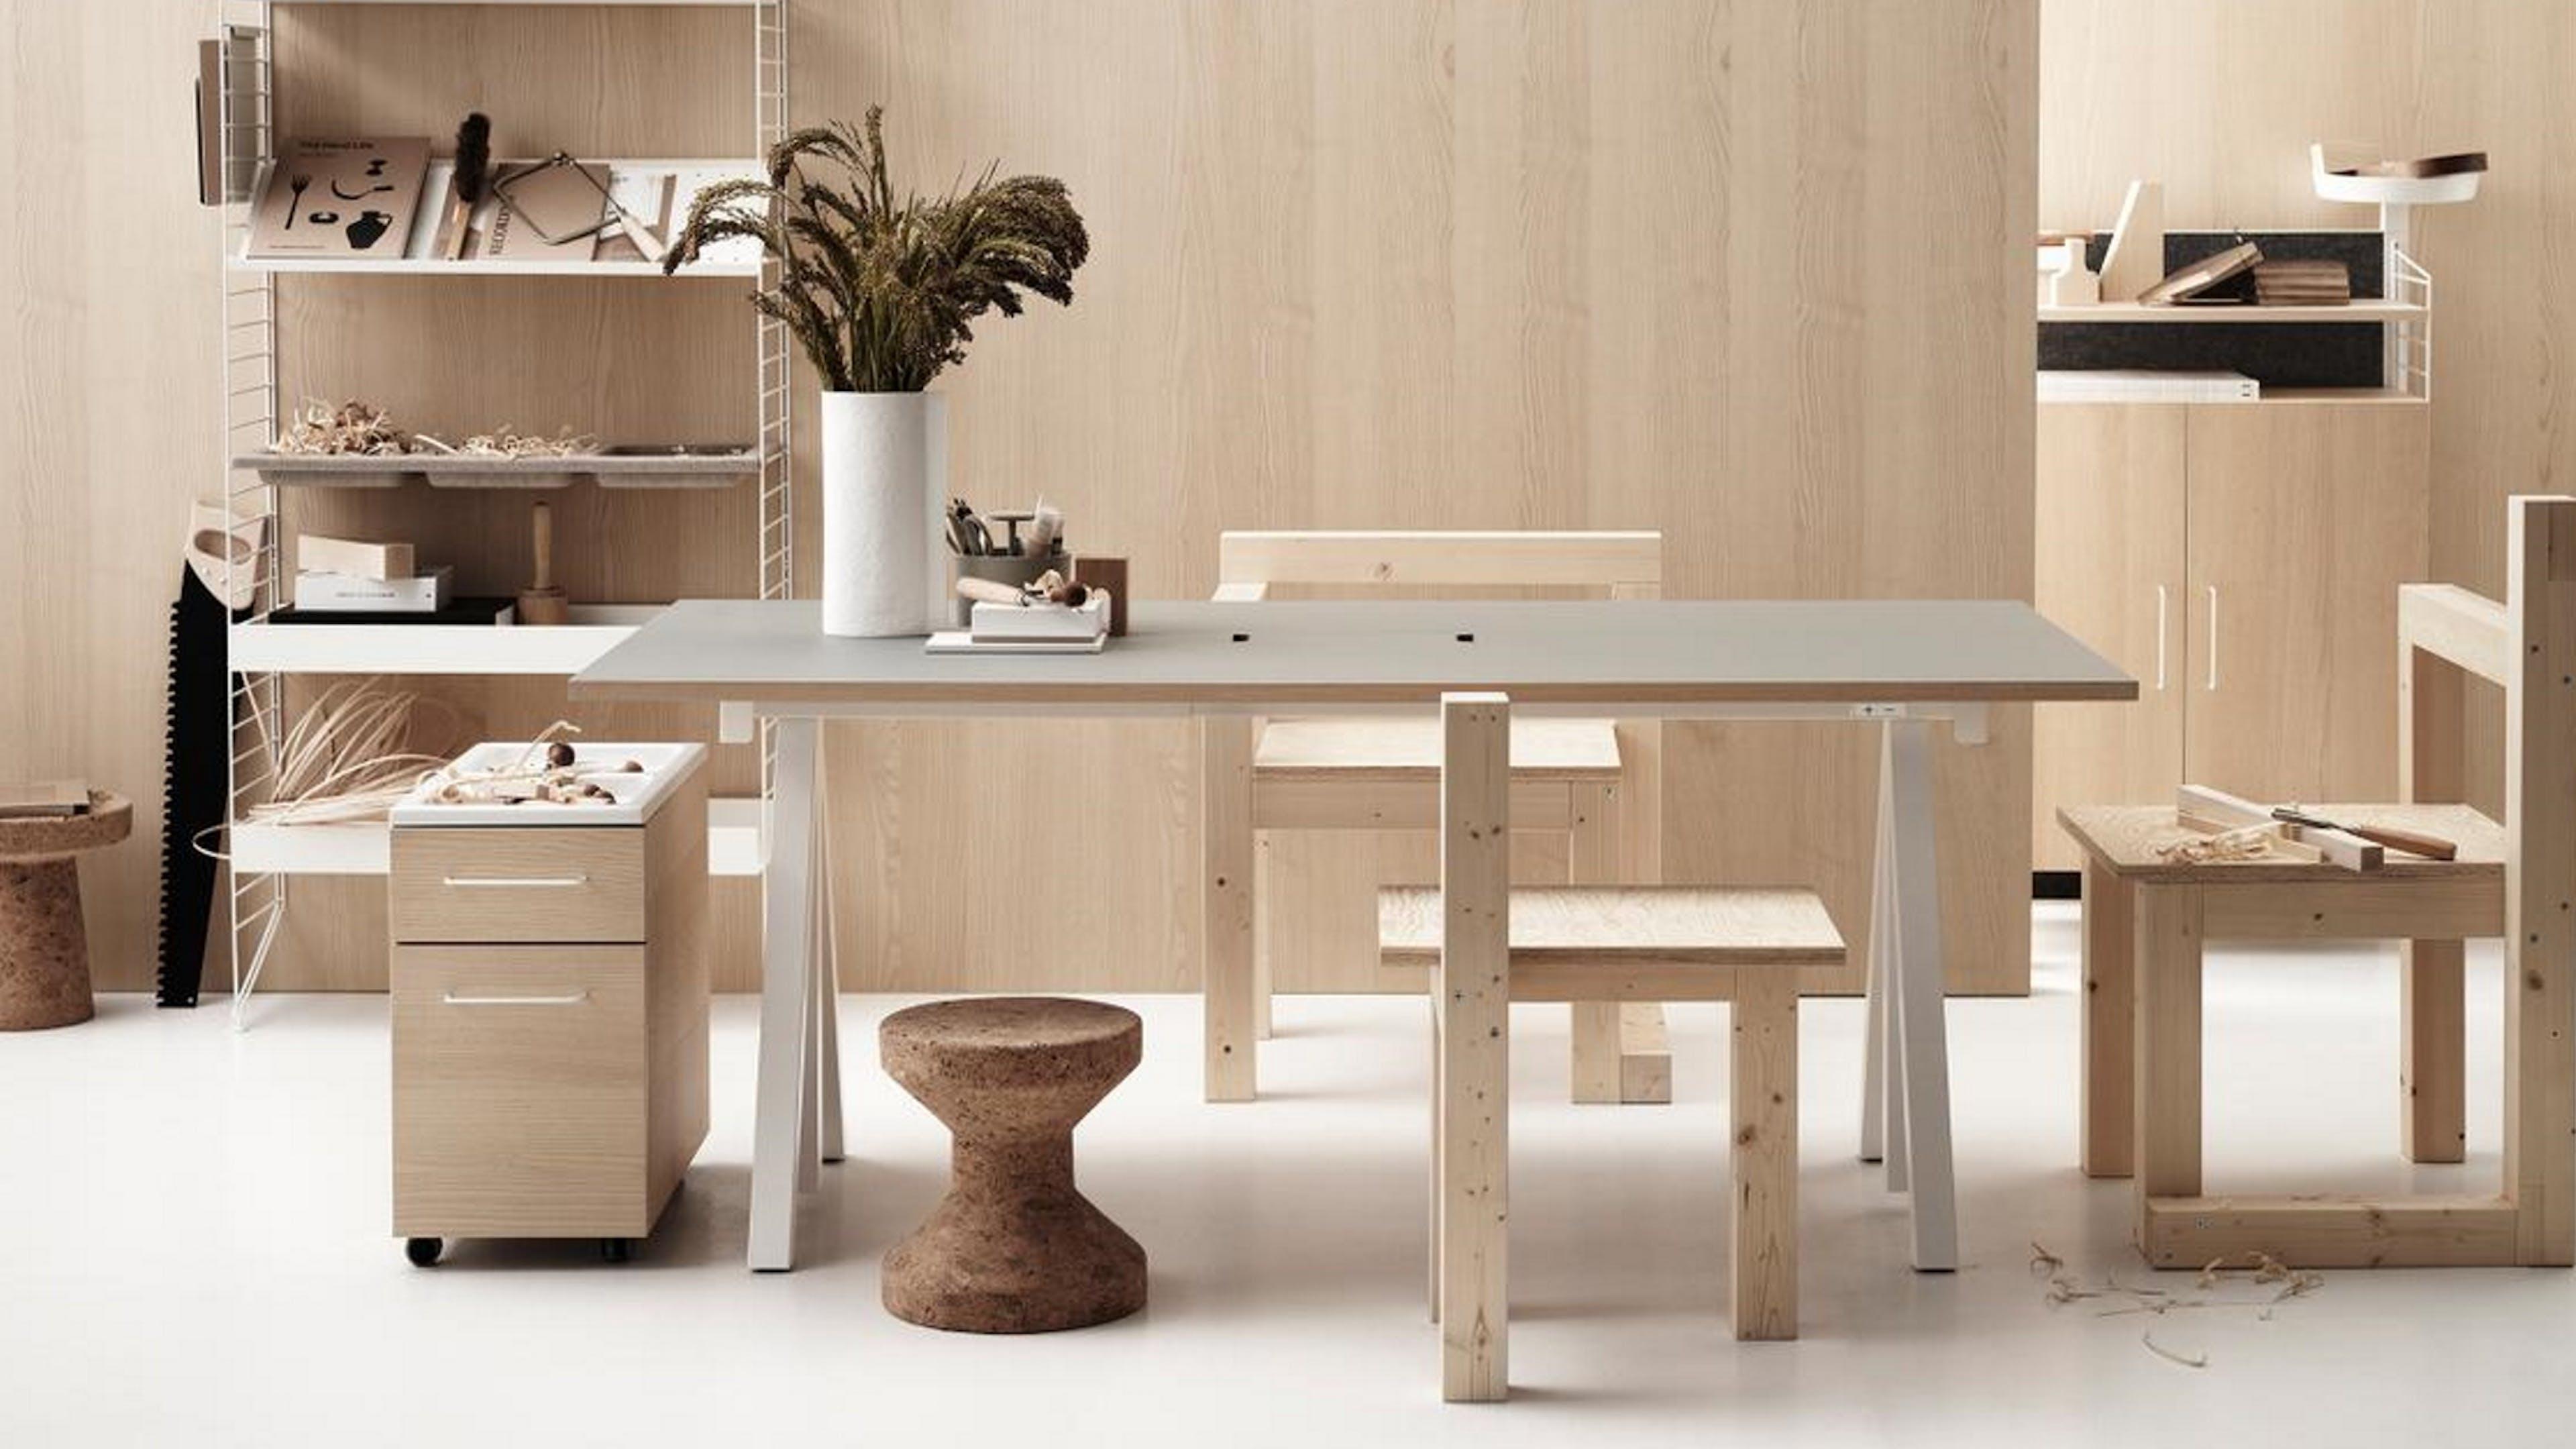 Vitra sustainable furnishings